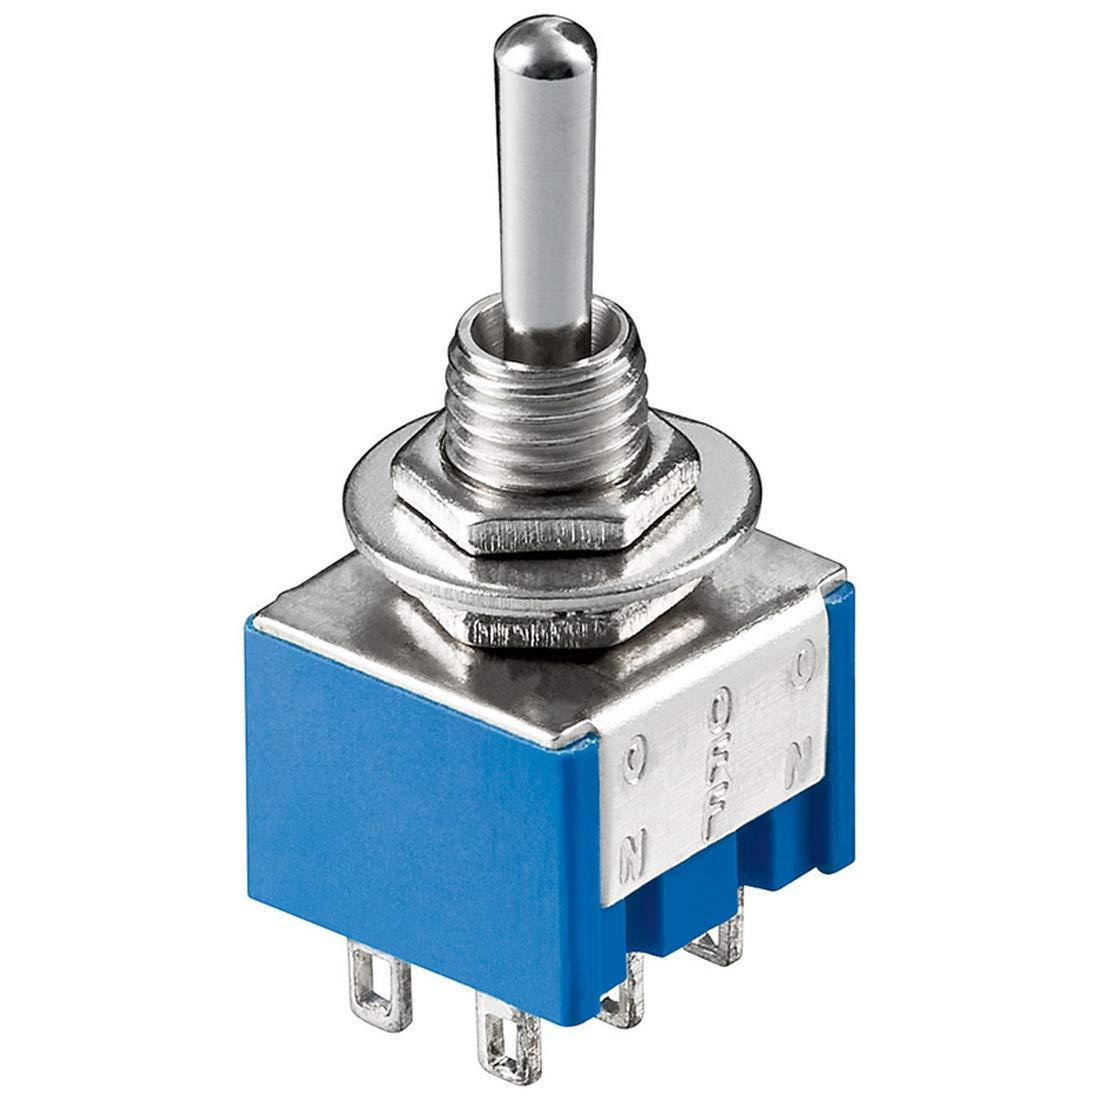 Einbau-Schiebeschalter 0,1A//250V; 2-polig //6 Kontakte; 2x Umschalter//Ein-Ein